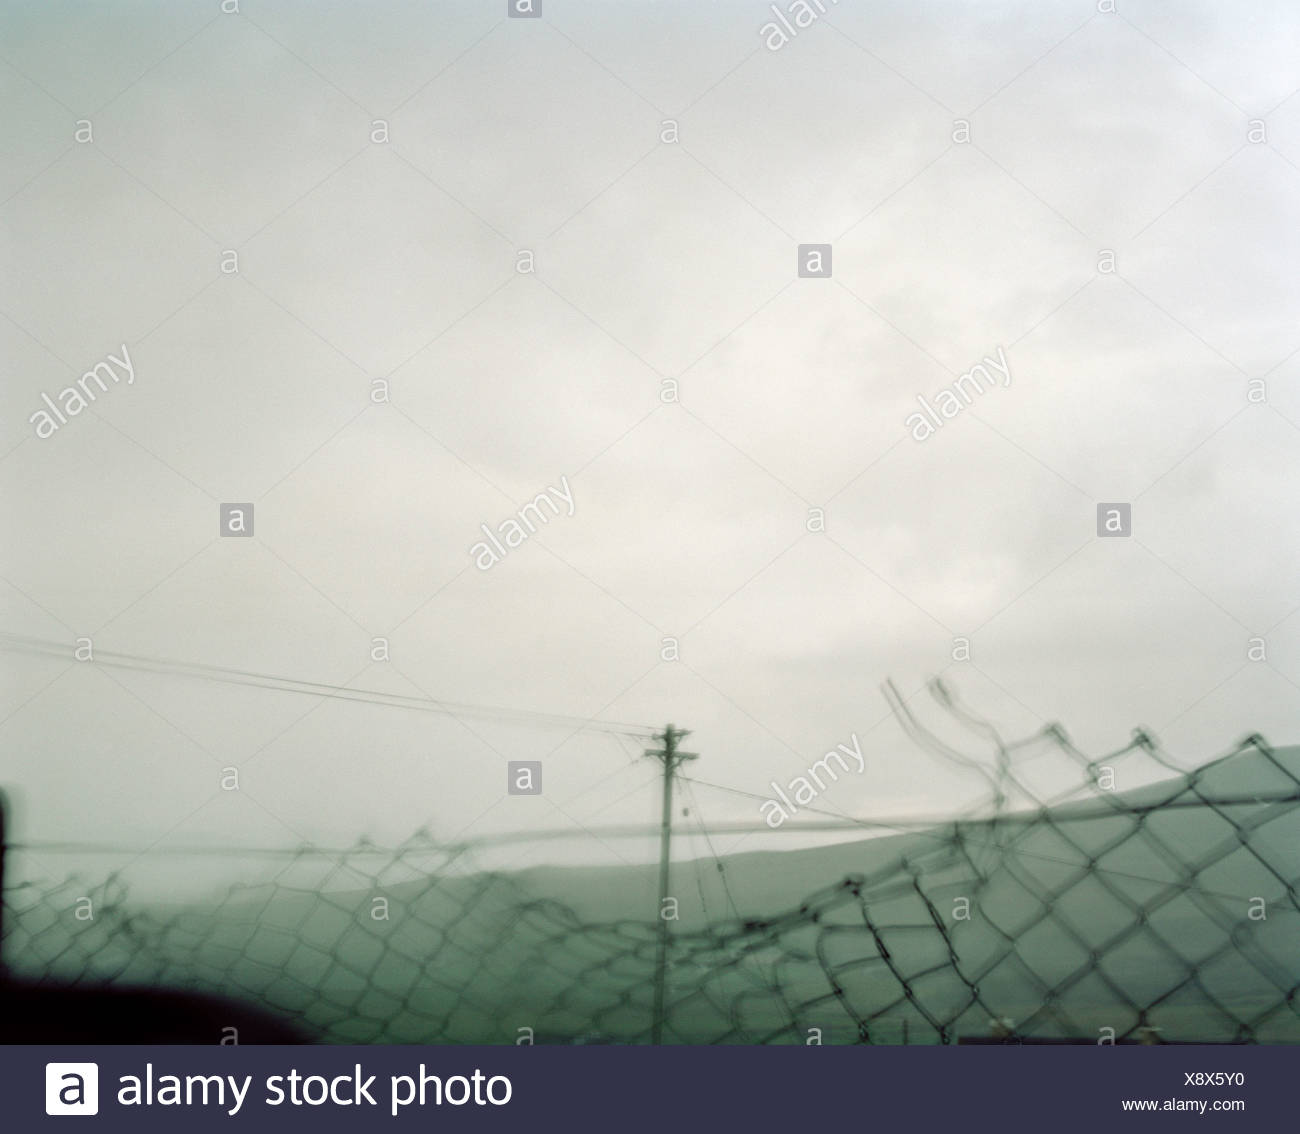 Las líneas de alimentación y eslabón de la cadena cerco roto Imagen De Stock